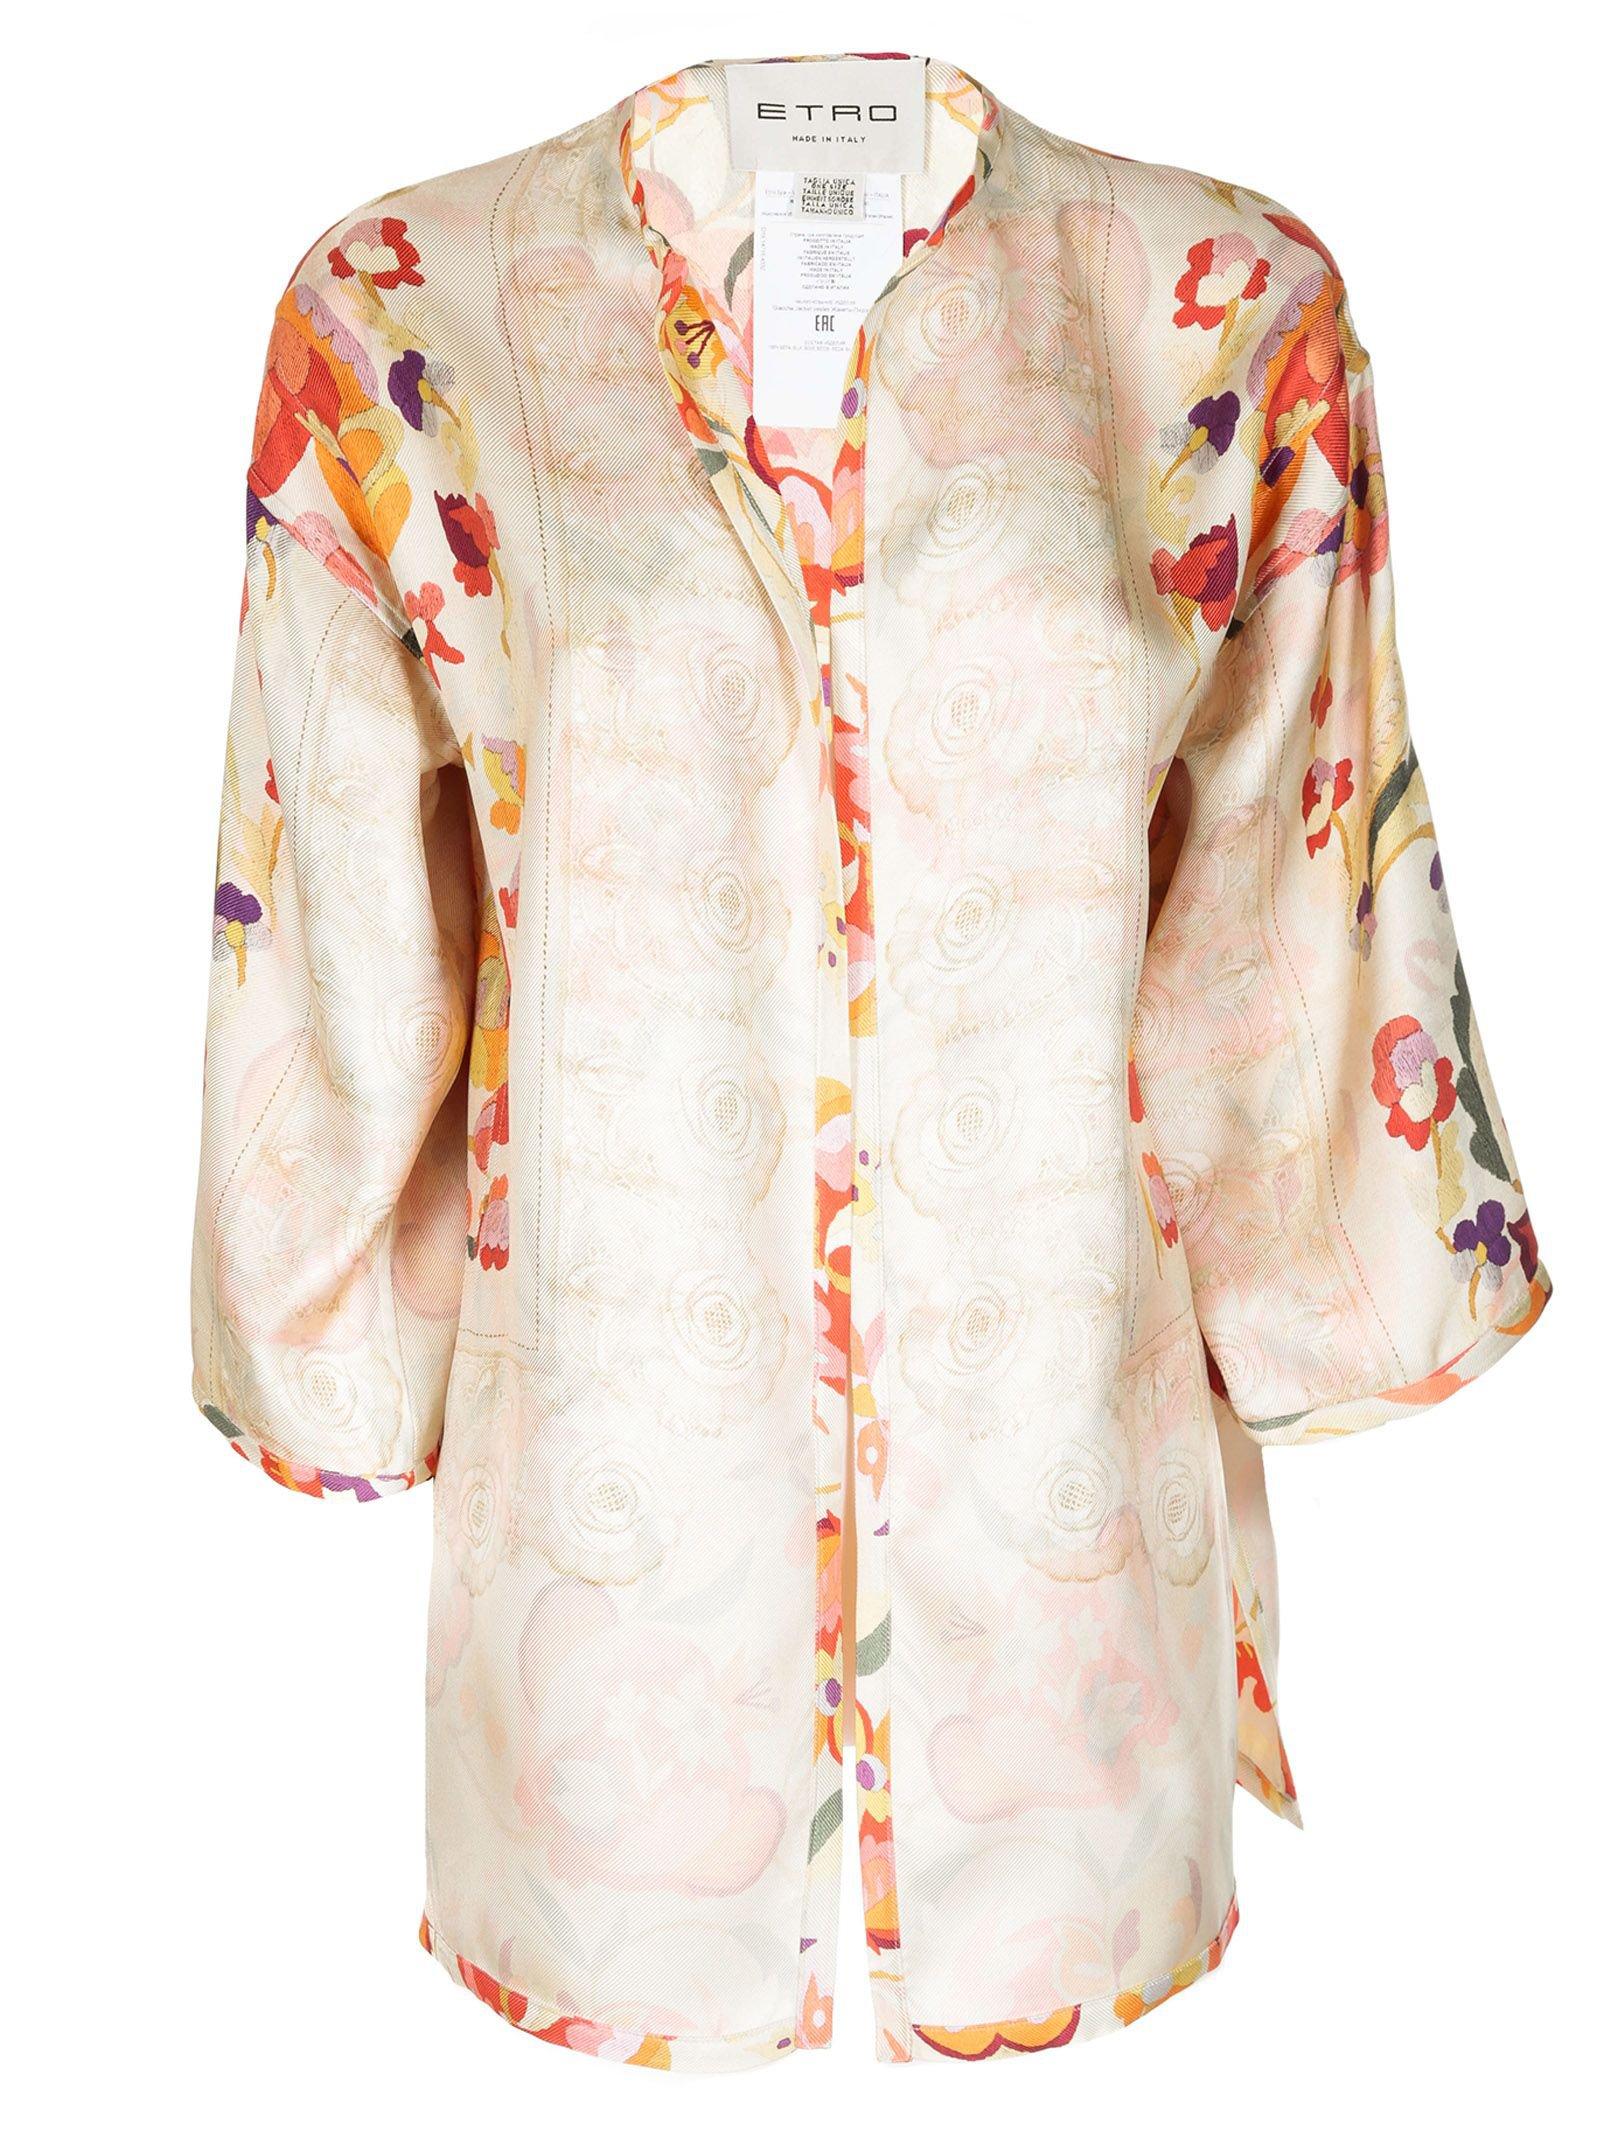 Etro Floral Print Kimono Jacket